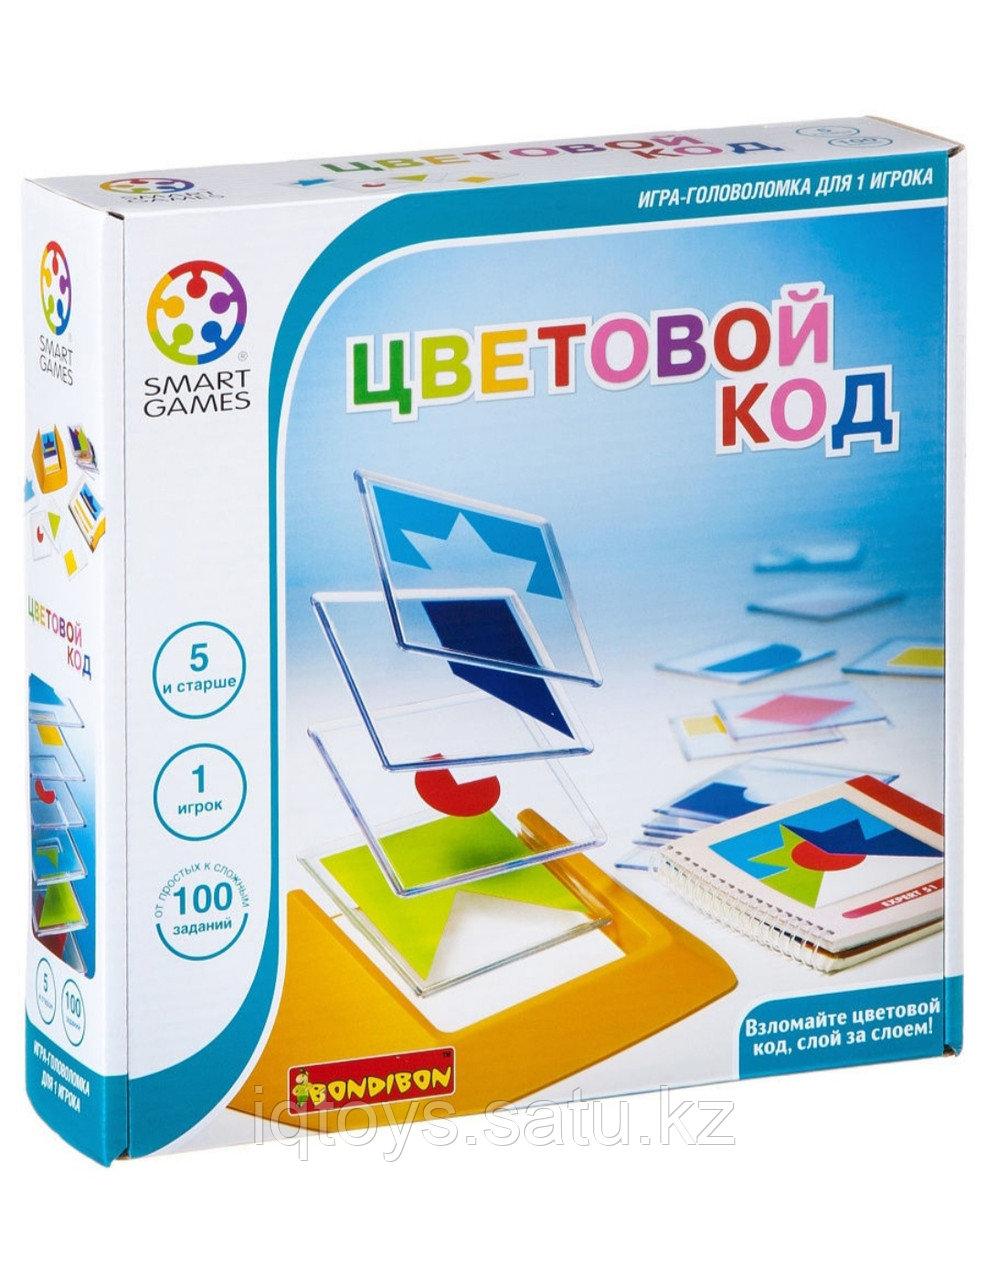 Настольная игра Цветовой код Бондибон (Bondibon)